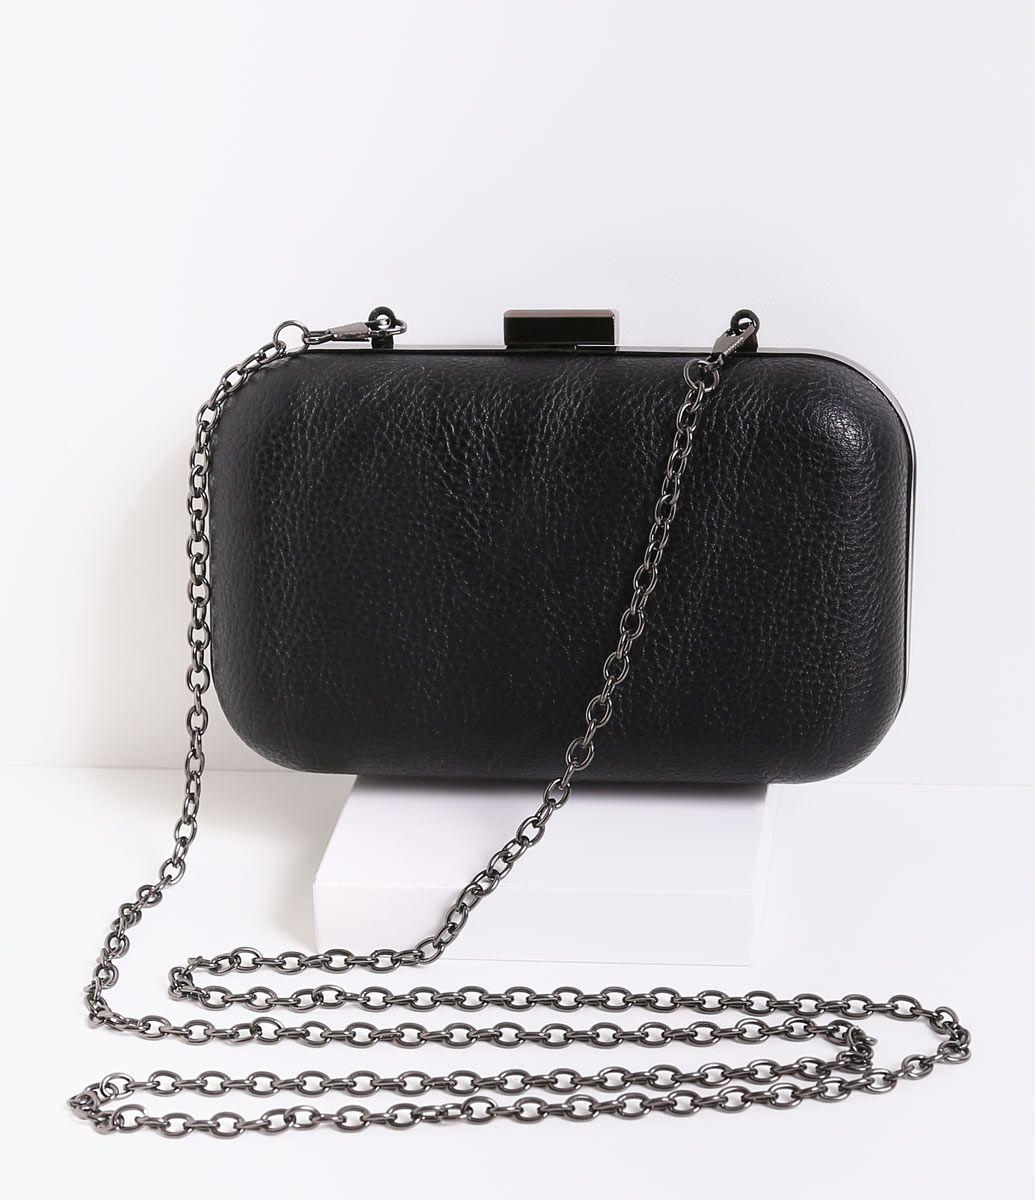 5d69b4e36b Bolsa feminina clutch com alça de corrente